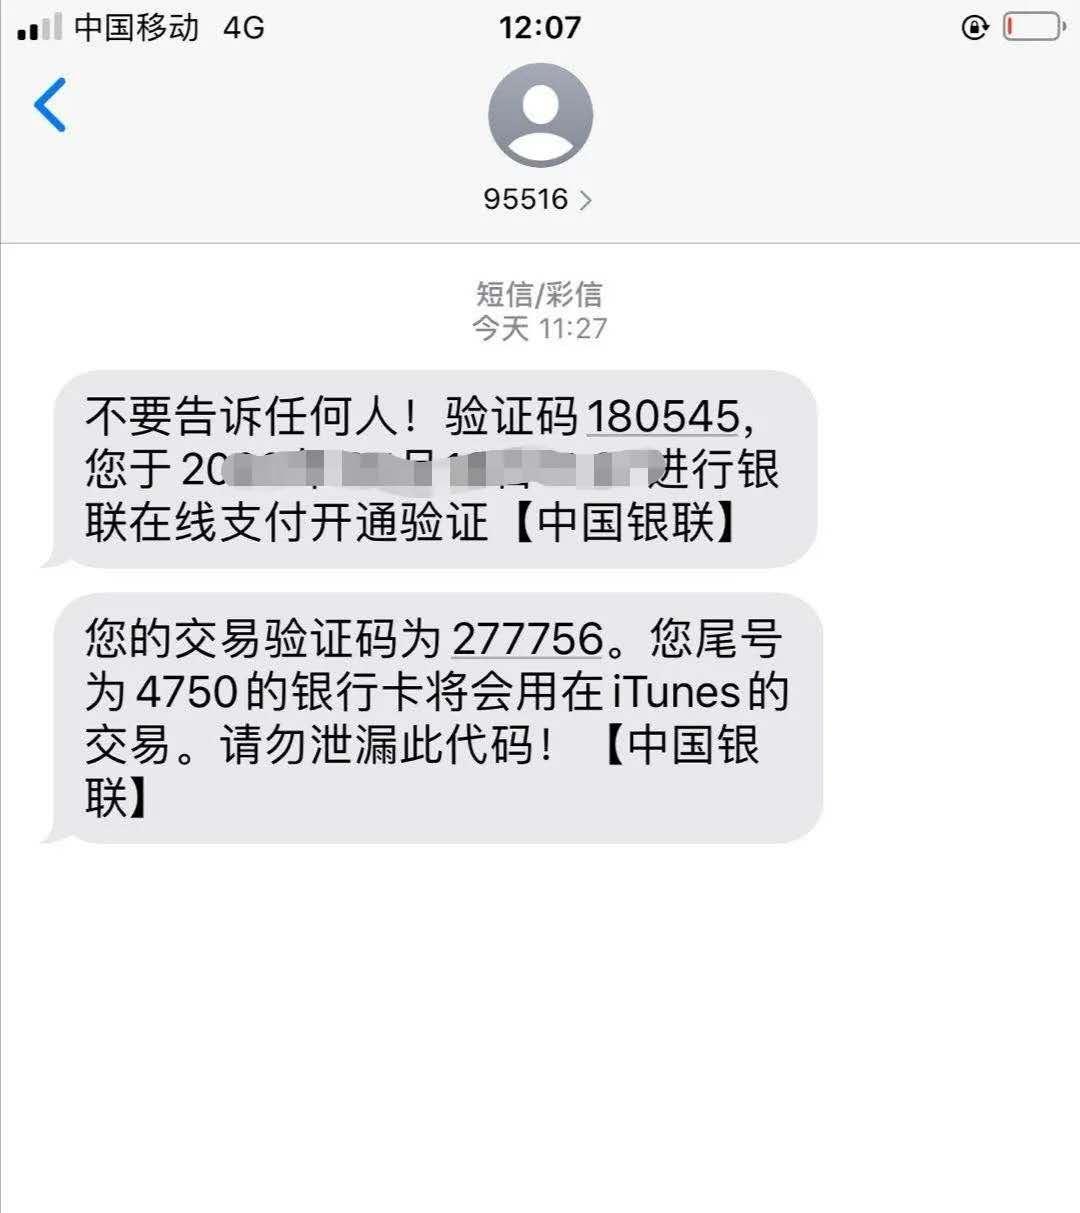 中国银联发来的真实验证码短信 长沙公安刑侦供图